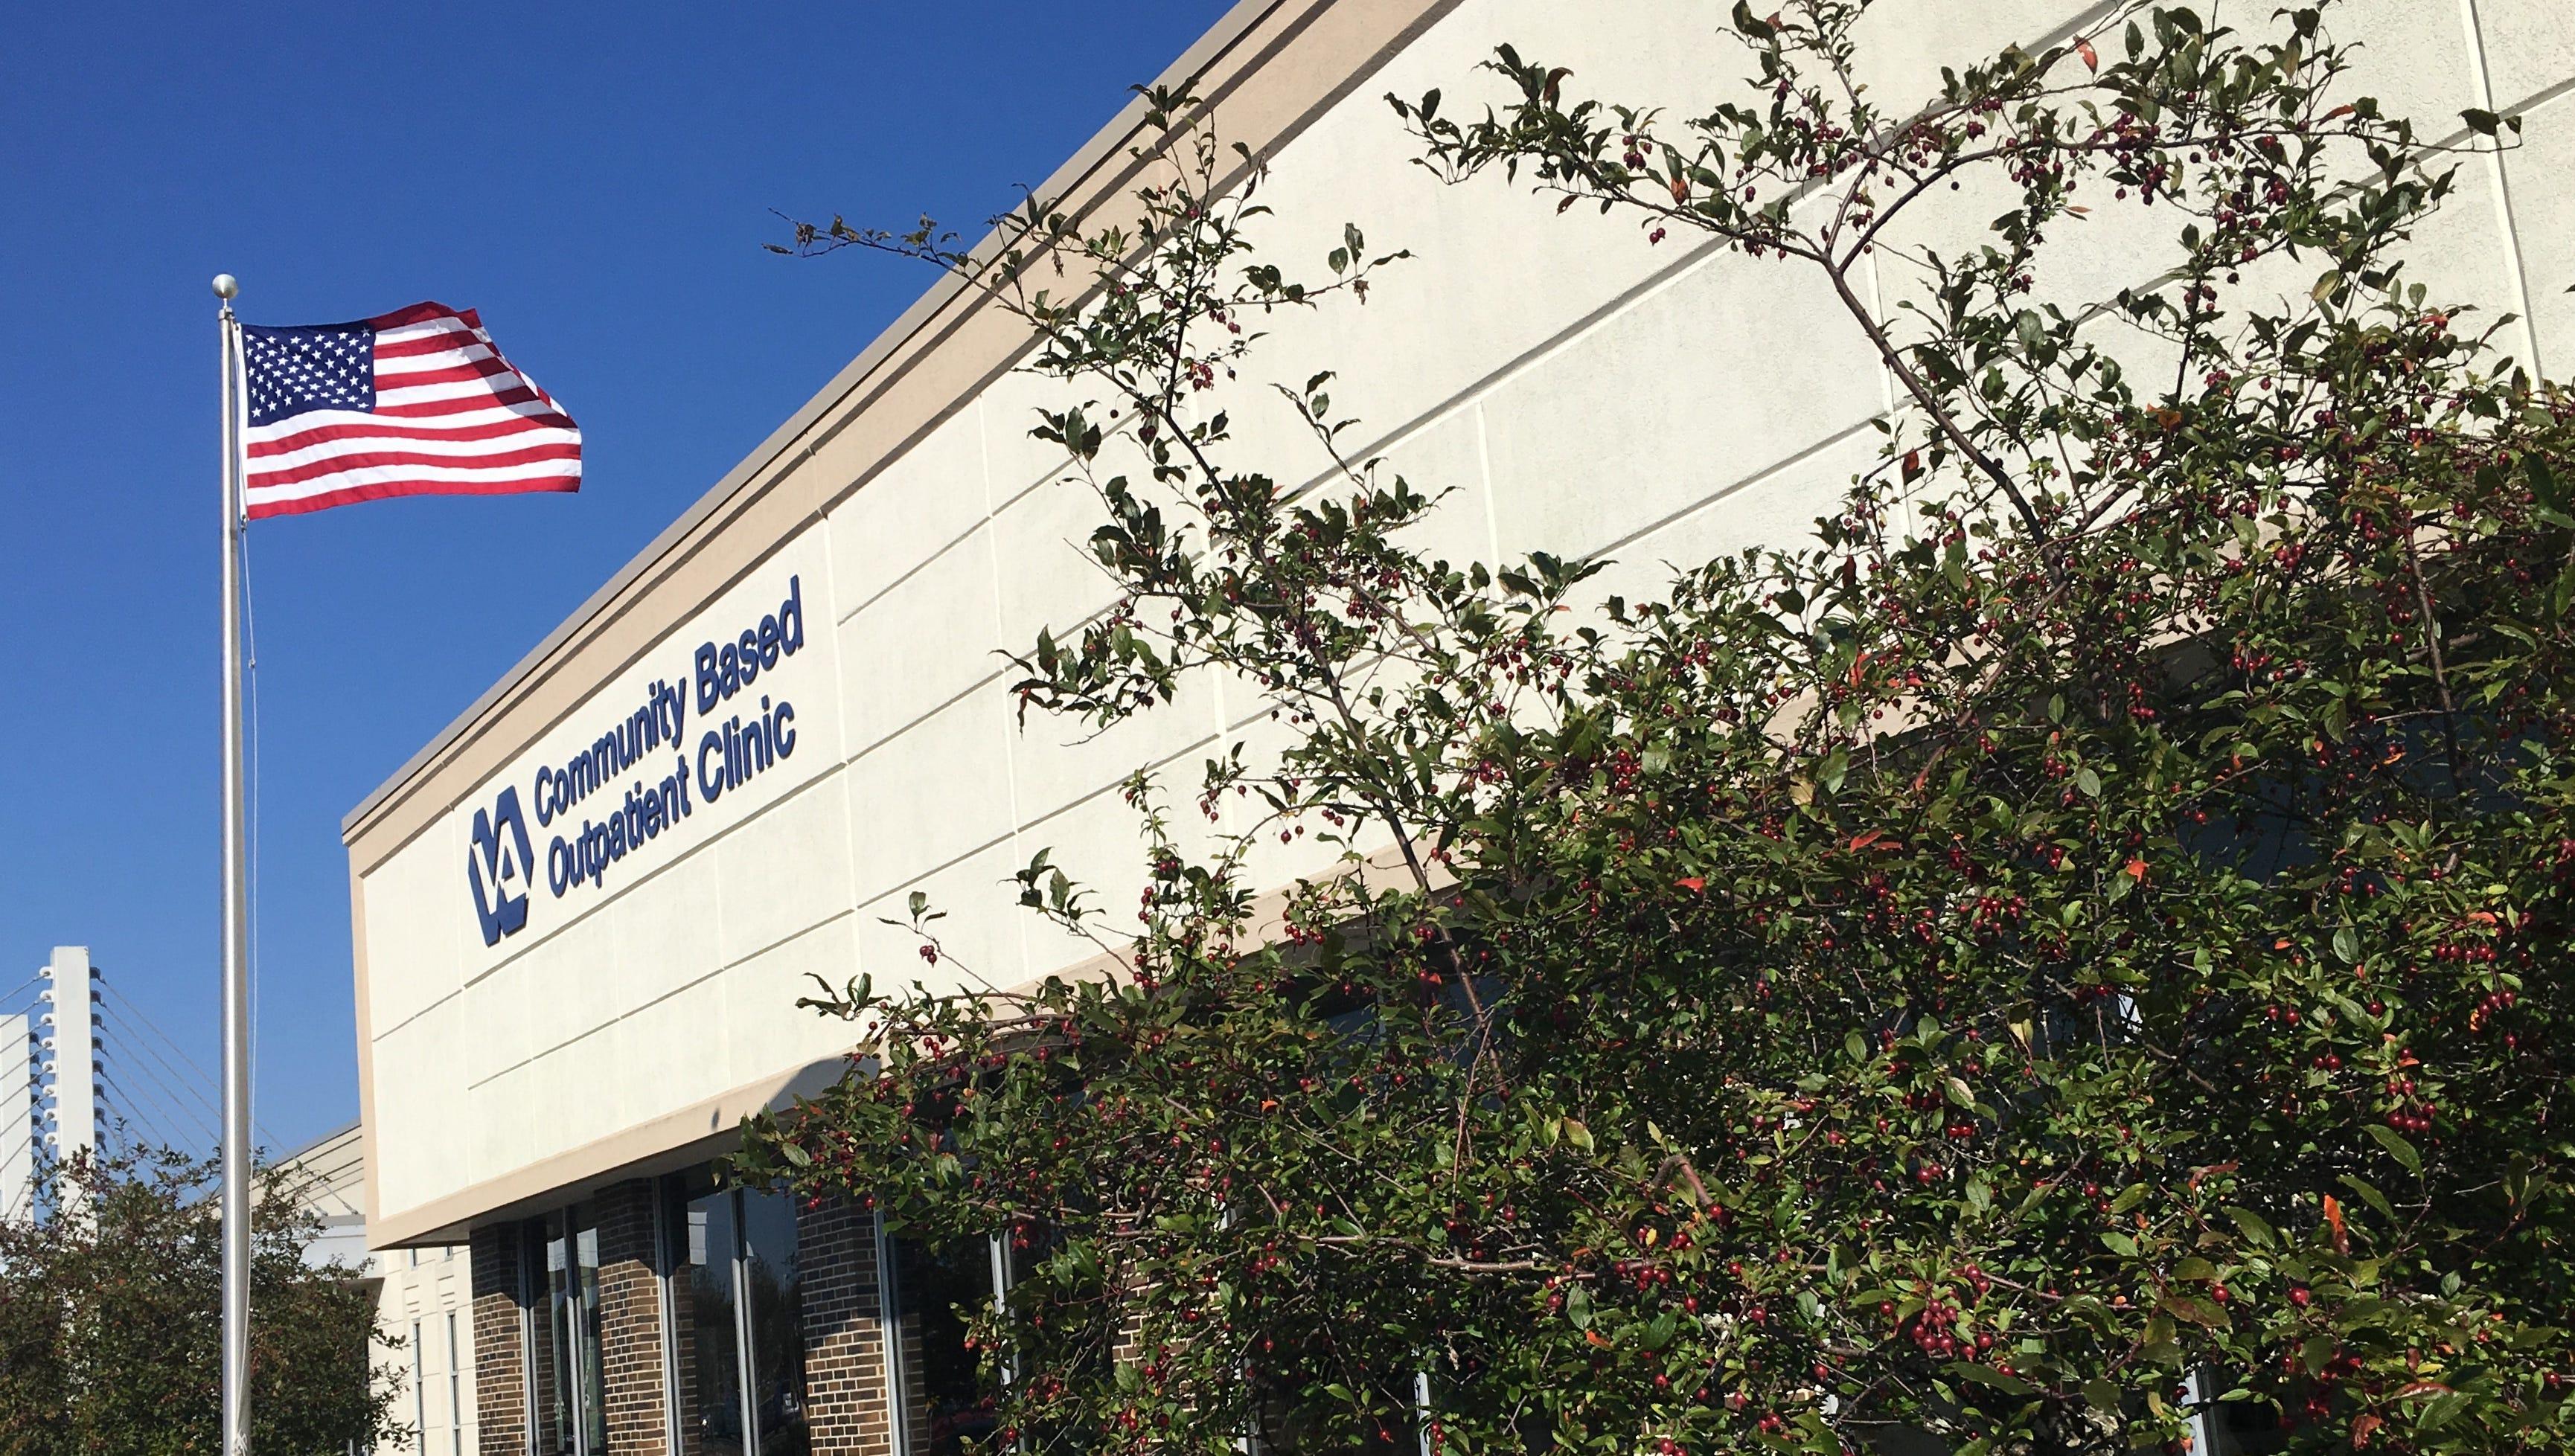 VA plans new medical clinic in Muncie